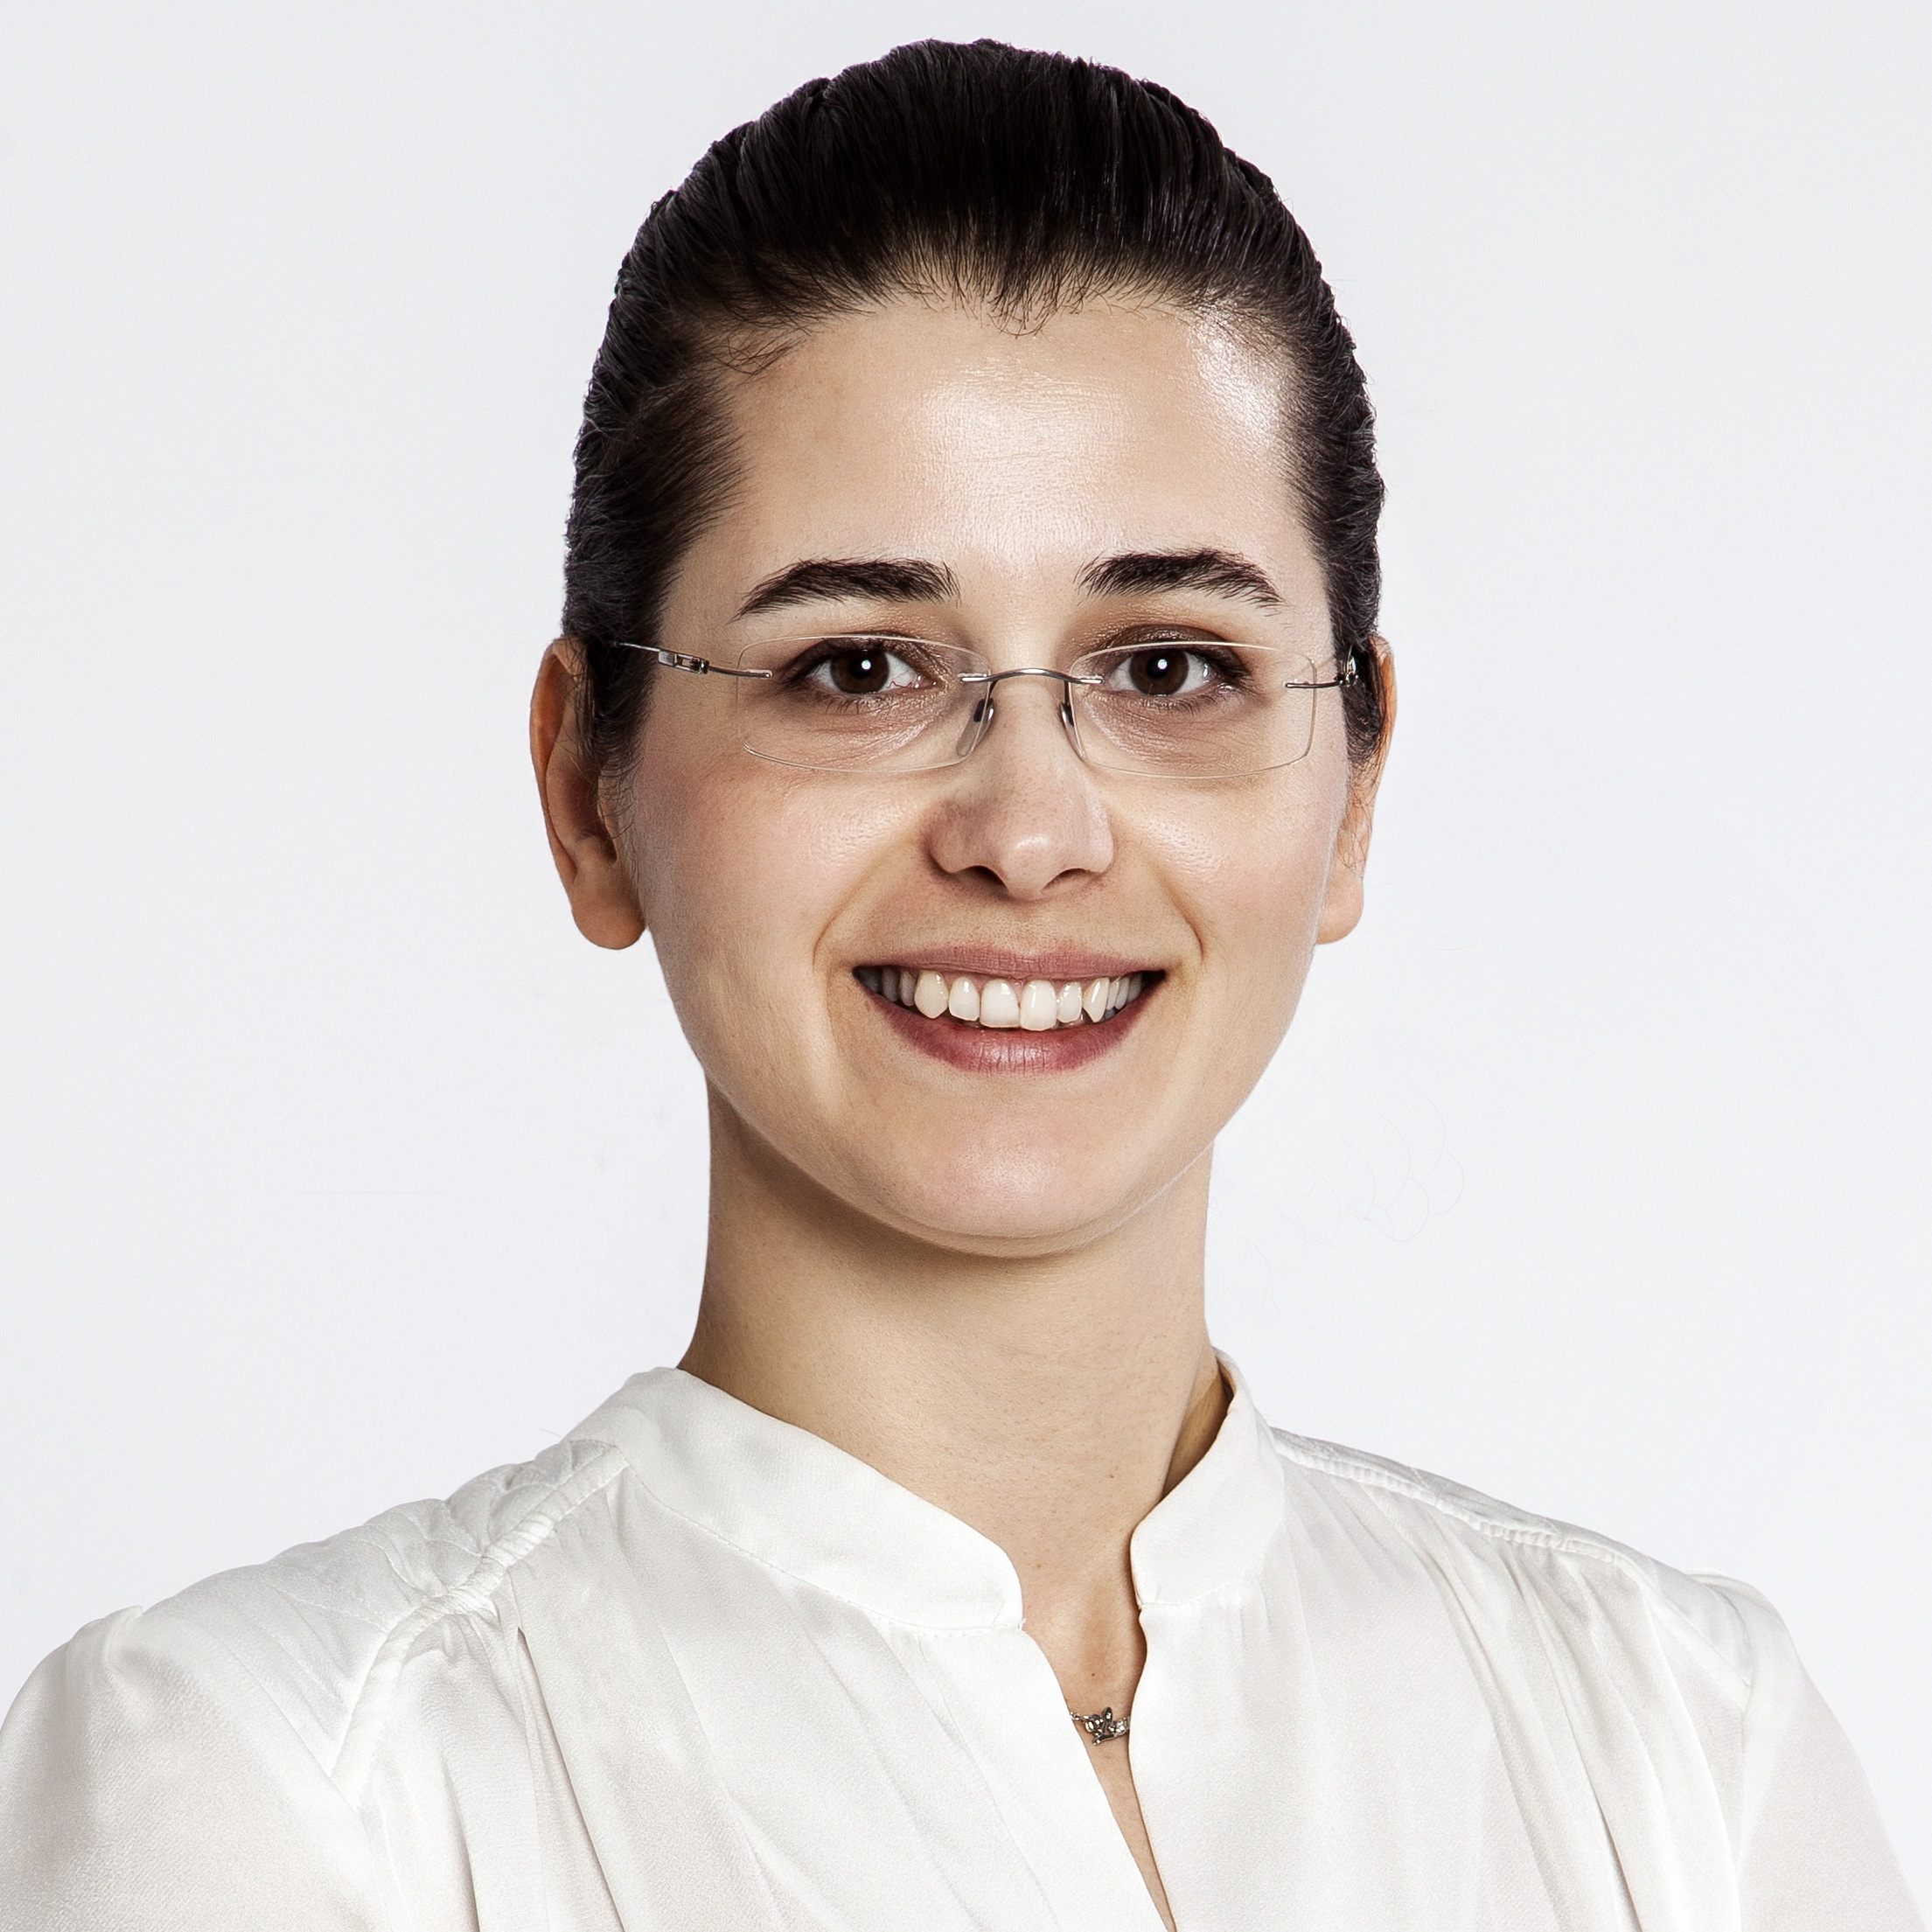 bd-yarina-014.jpg Arzu Konyalı Malzeme Kalite Güvence Müdürü, ...